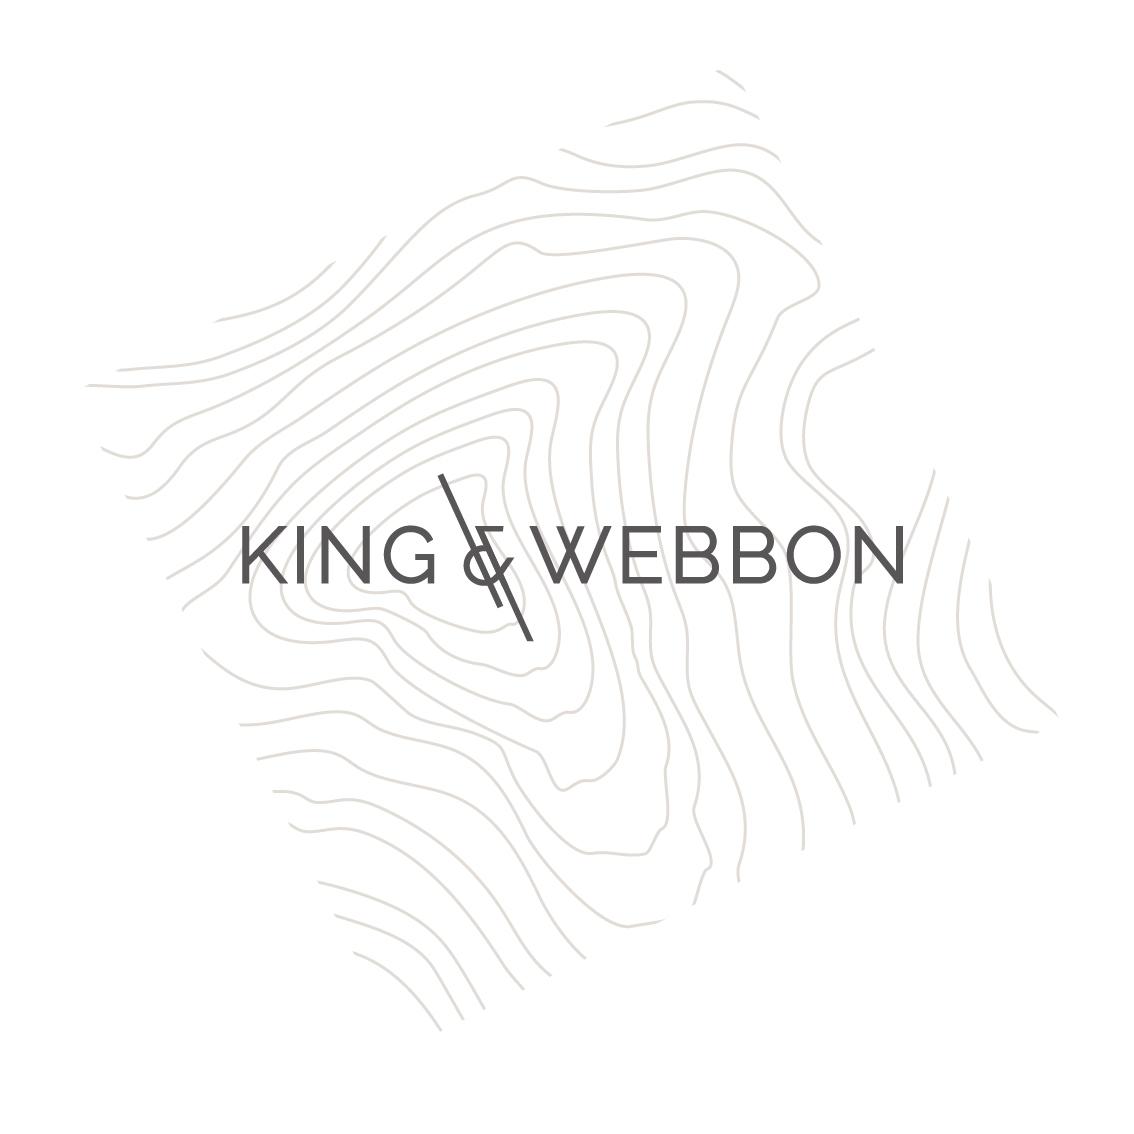 King and Webbon Ltd